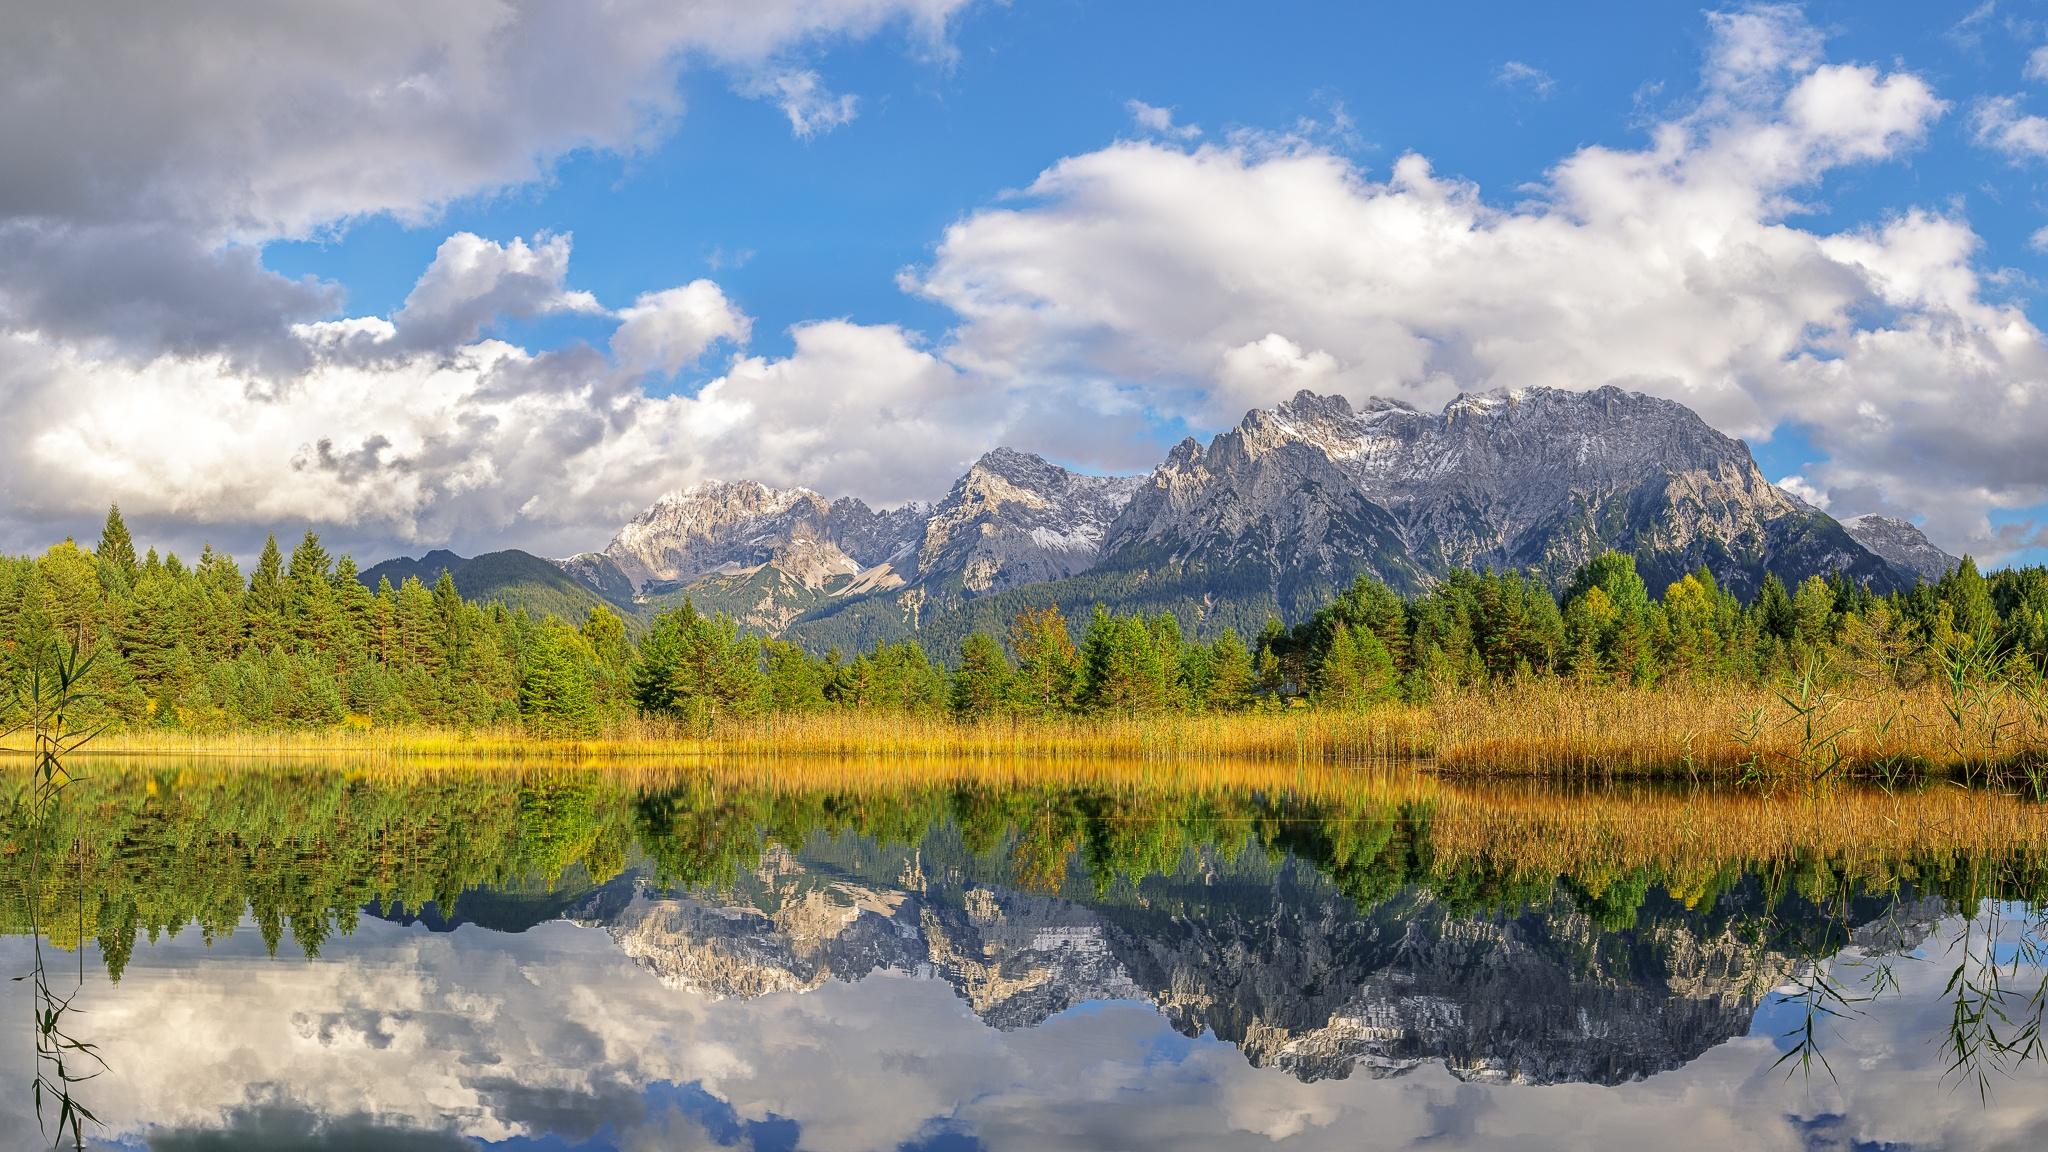 Wolkenspiel über dem Karwendelgebirge. Der Luttensee liegt idyllisch in einer Senke oberhalb von Mittenwald. Spiegelbild vom Mittenwalder Karwendelgebirge im Luttensee.